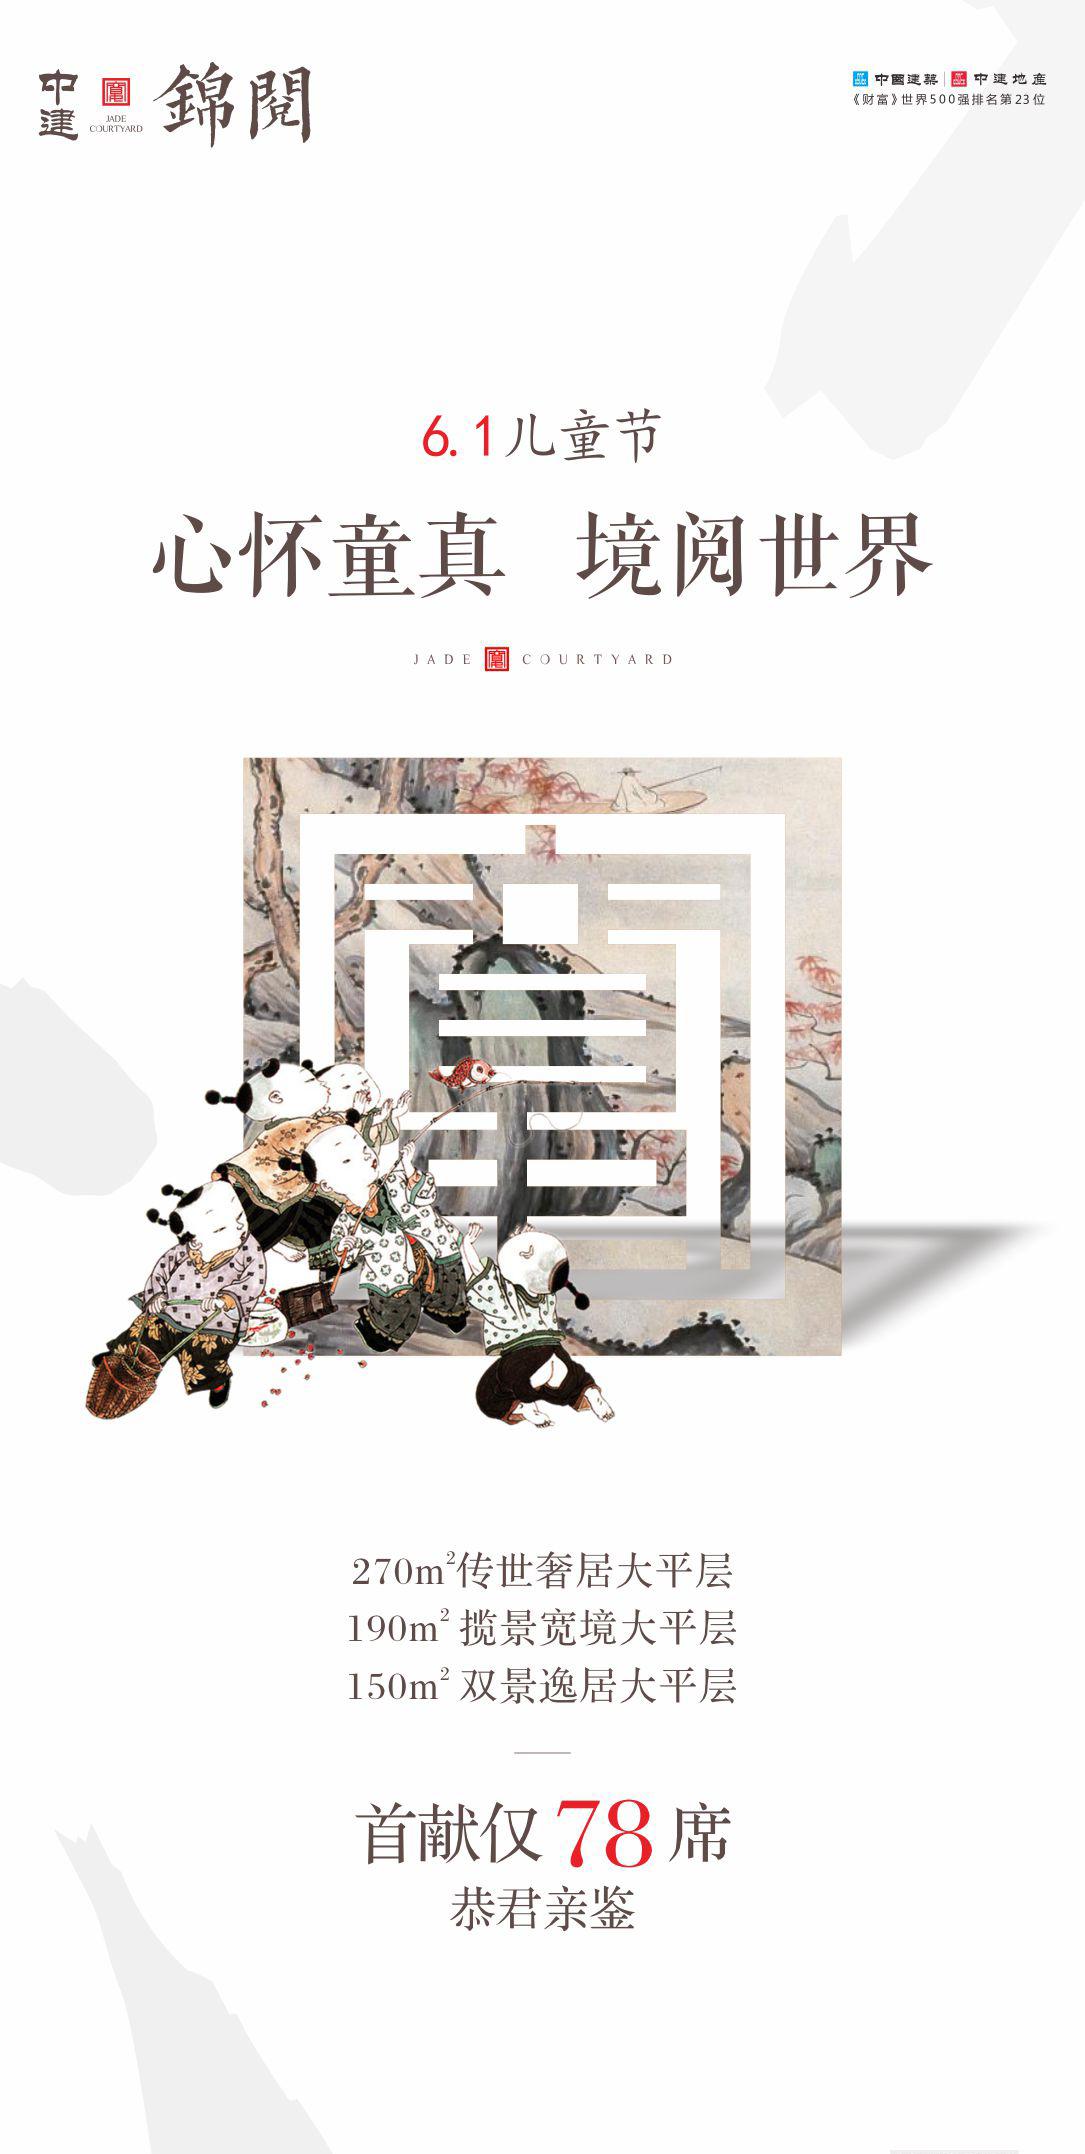 心怀童真 境阅世界 | 六一儿童节中建·锦阅与你同过-中国网地产